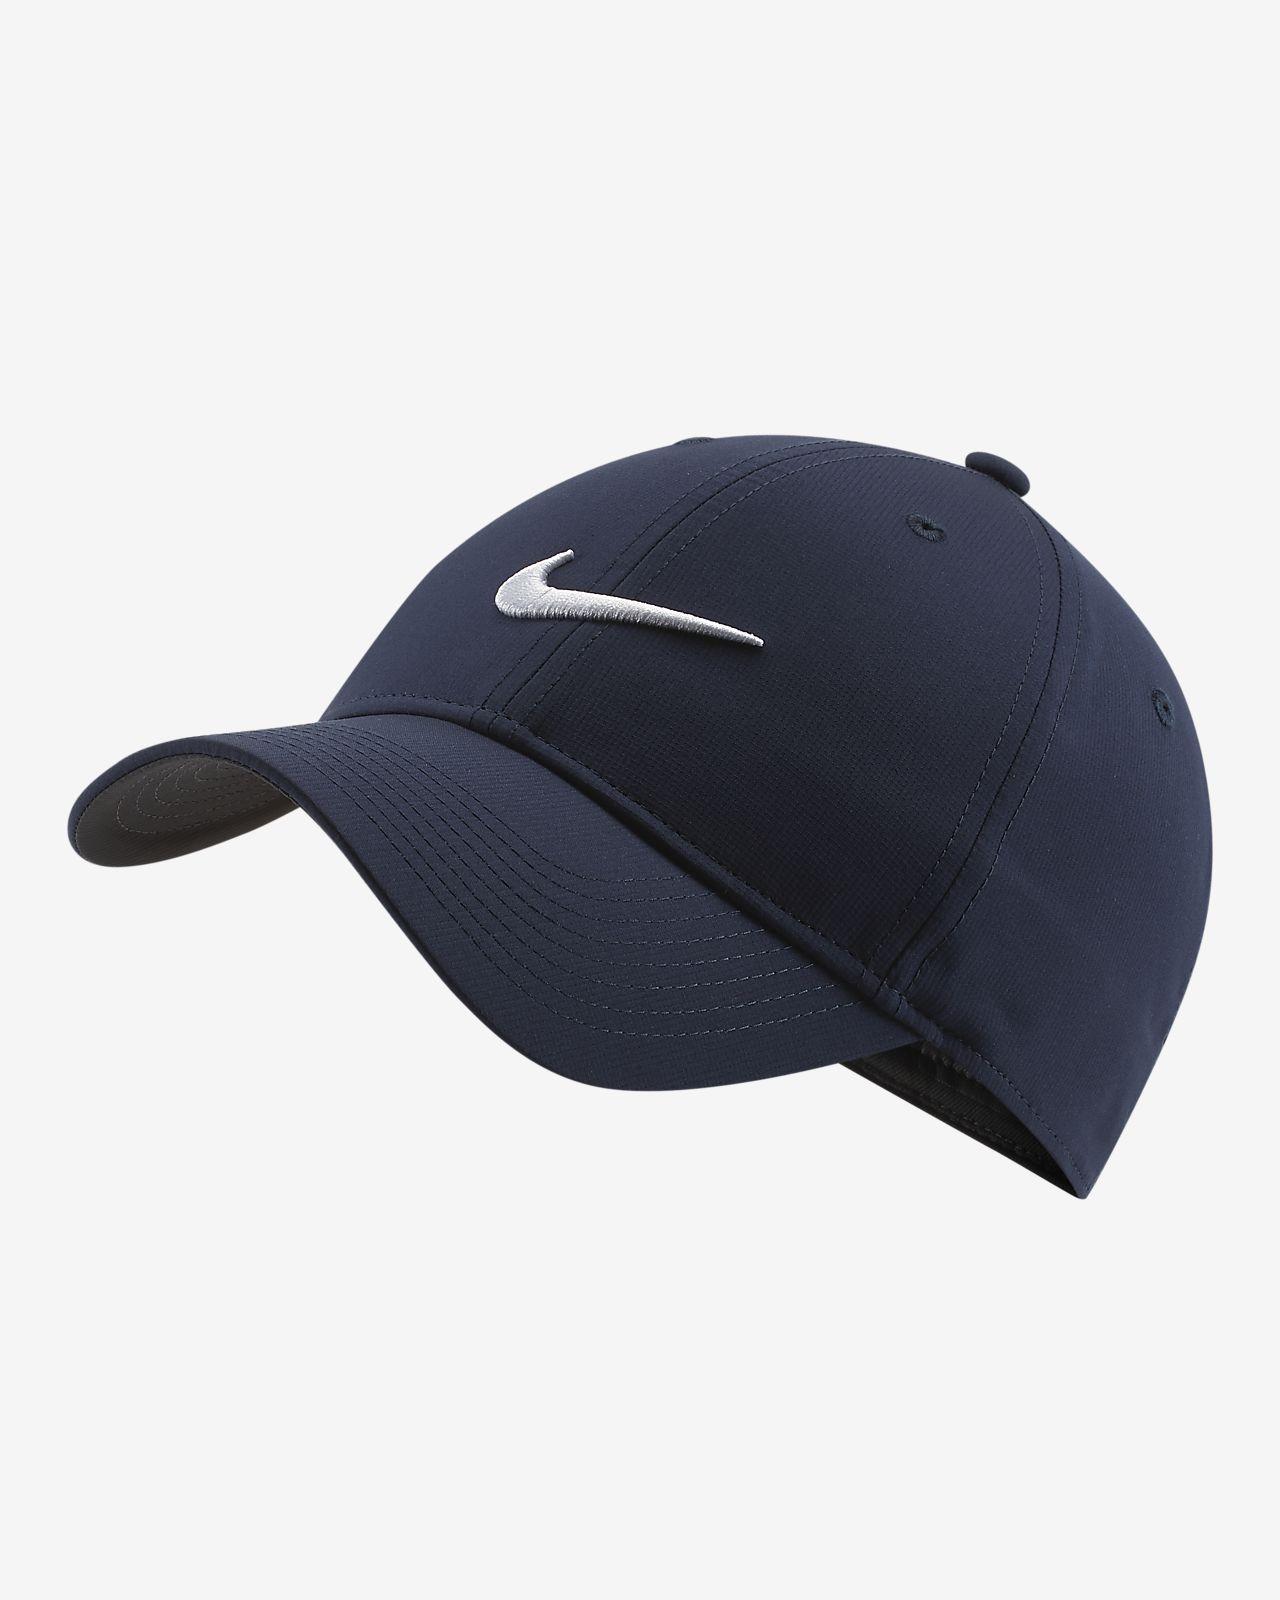 Nastavitelná golfová kšiltovka Nike Legacy 91